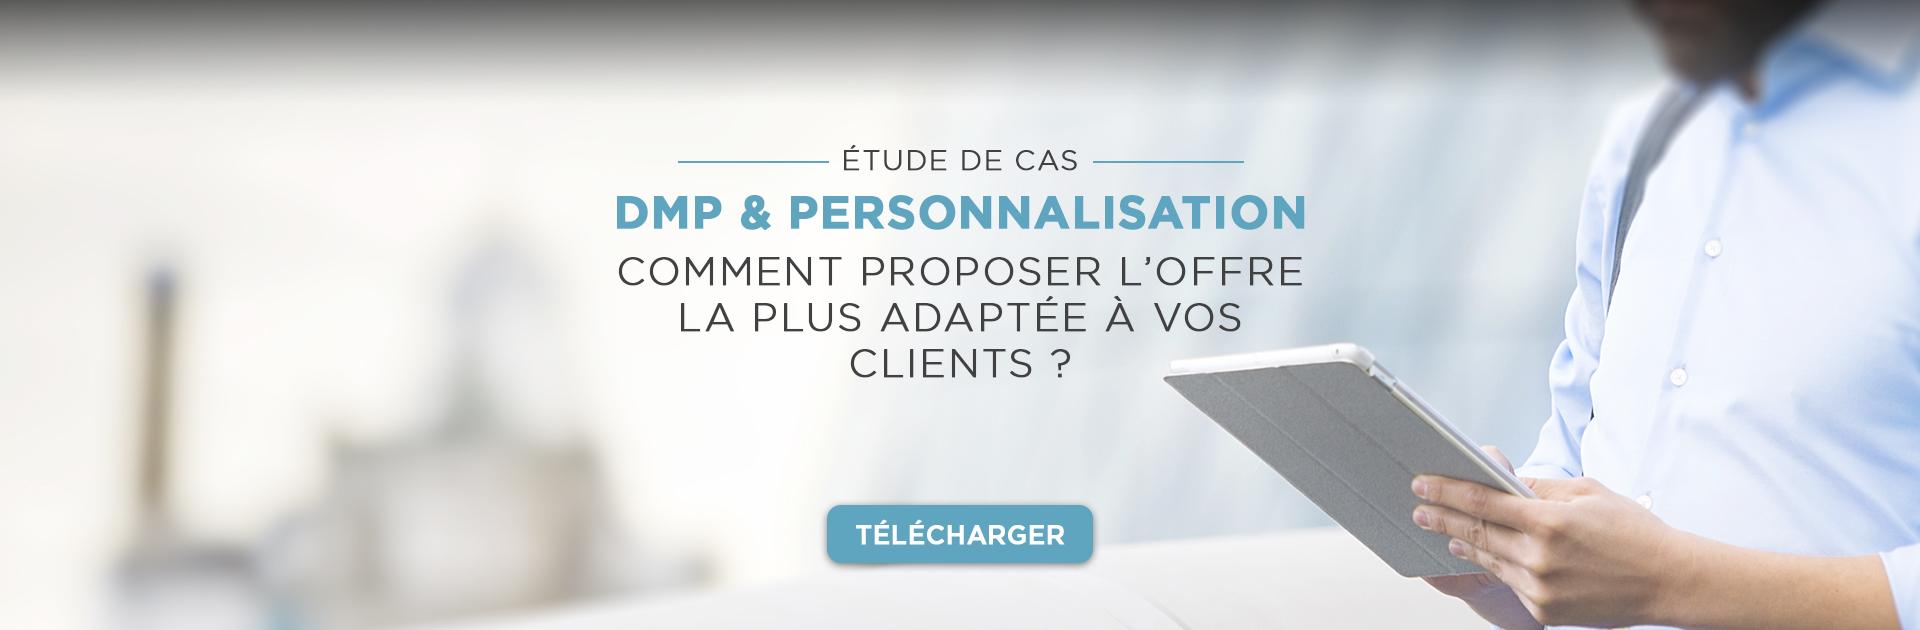 Etude de cas : DMP & Personnalisation